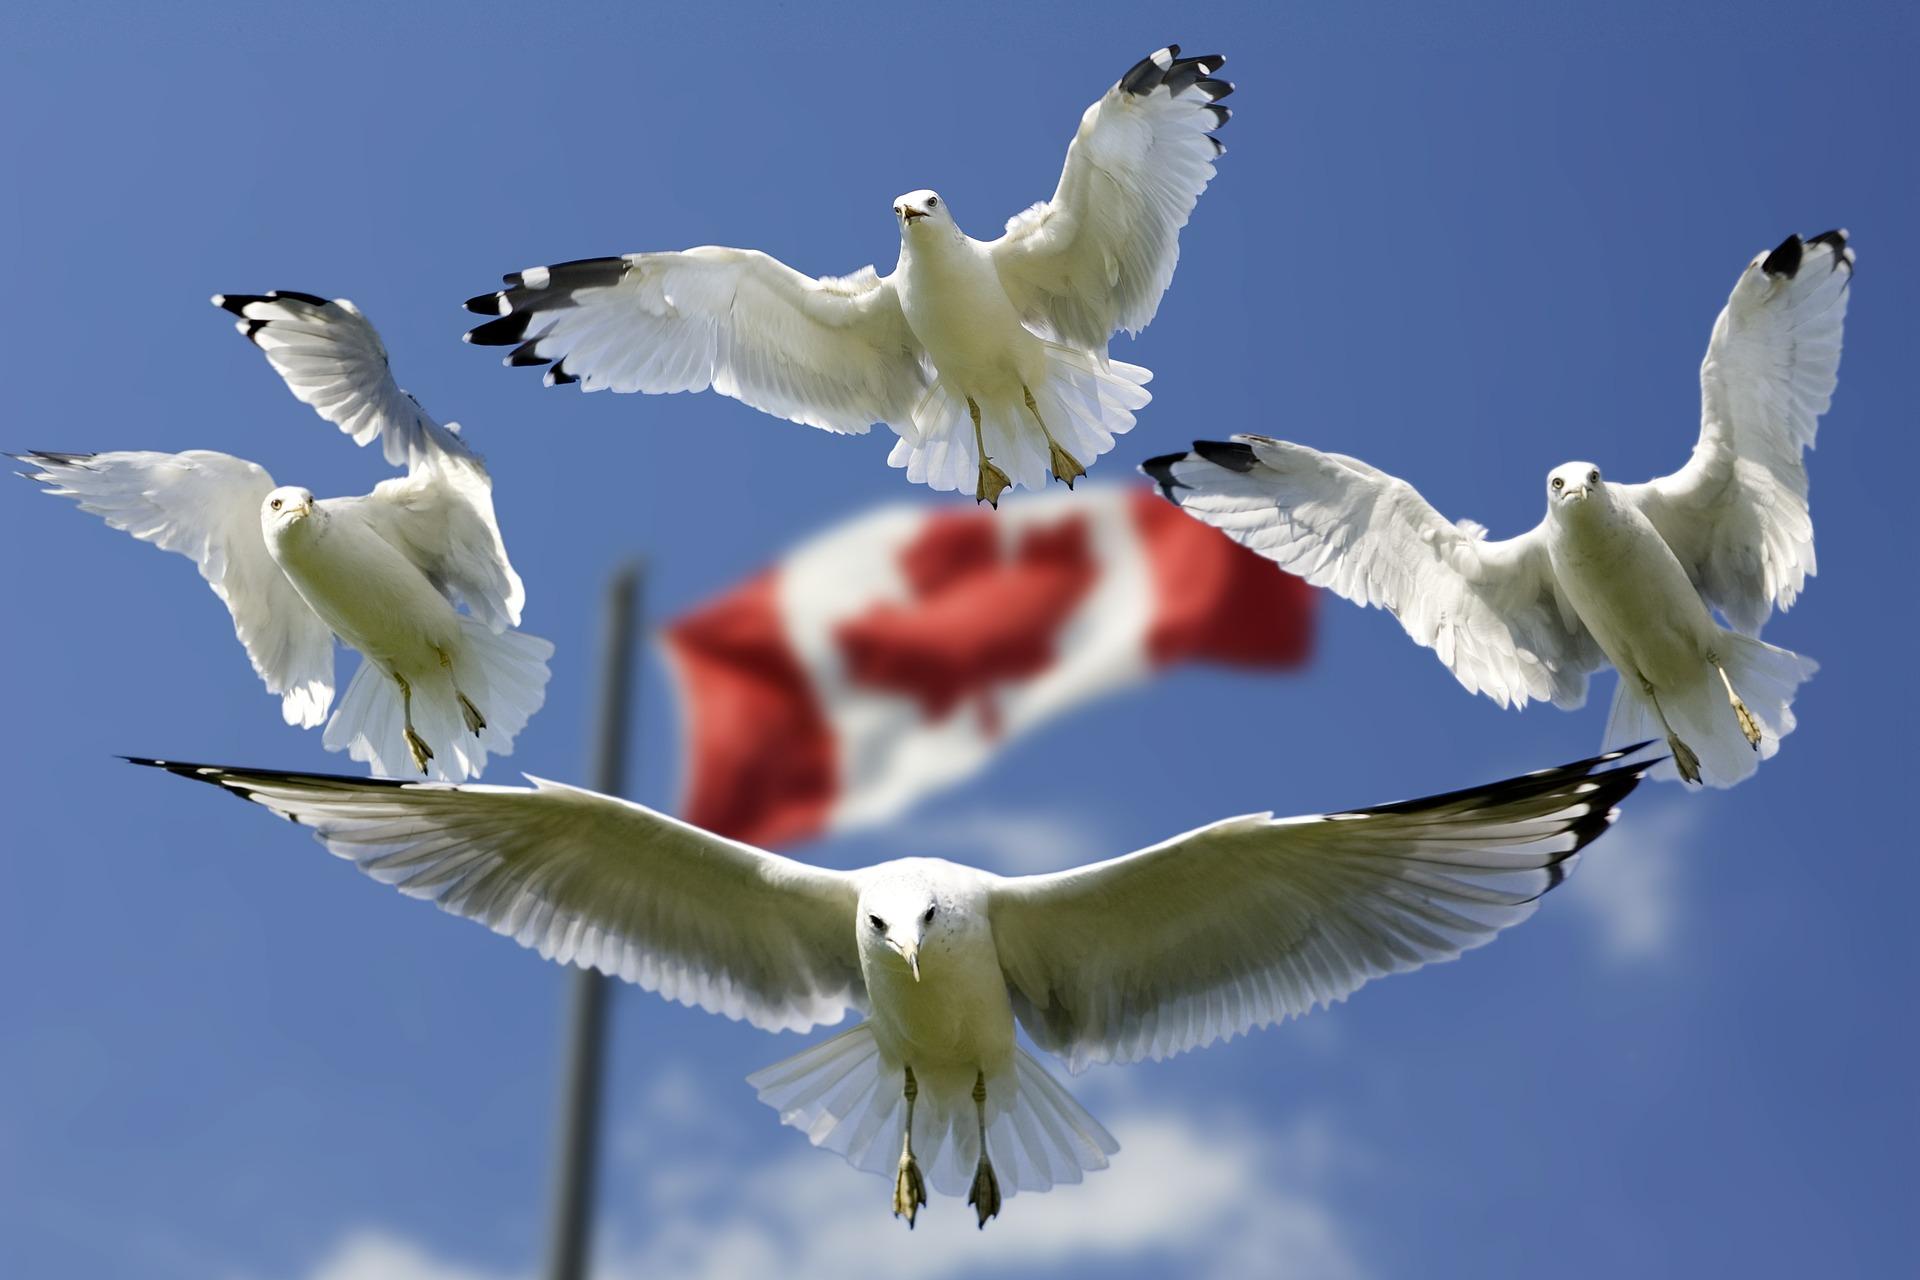 Canada: taux de chômage à 5,7% en décembre, plus bas depuis 42 ans. Photo : Frank Winkler